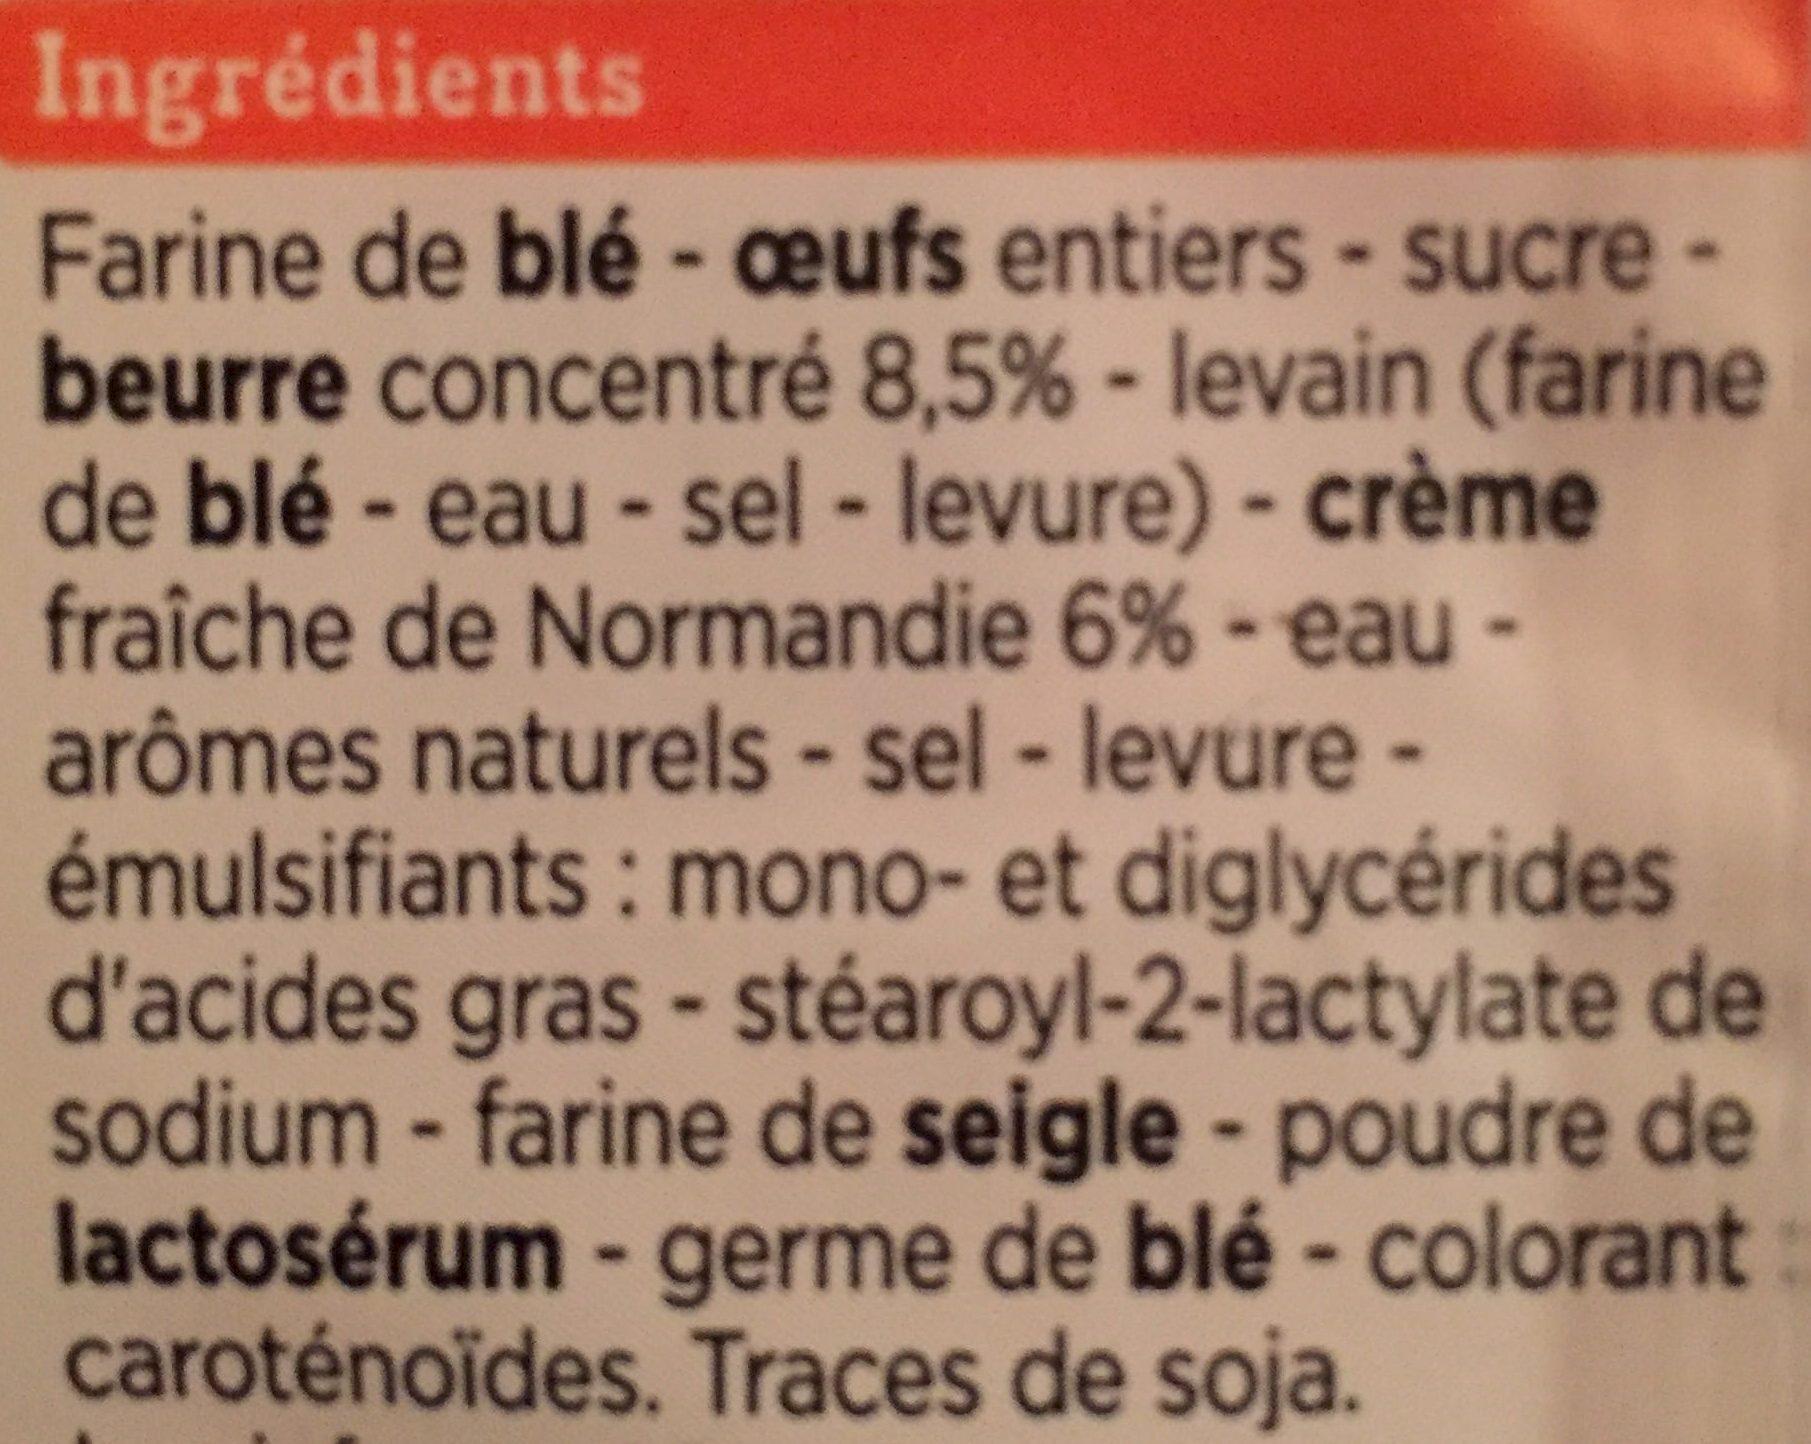 Brioche Tressée Pur Beurre et à la Crème Fraîche de Normandie - Ingrédients - fr